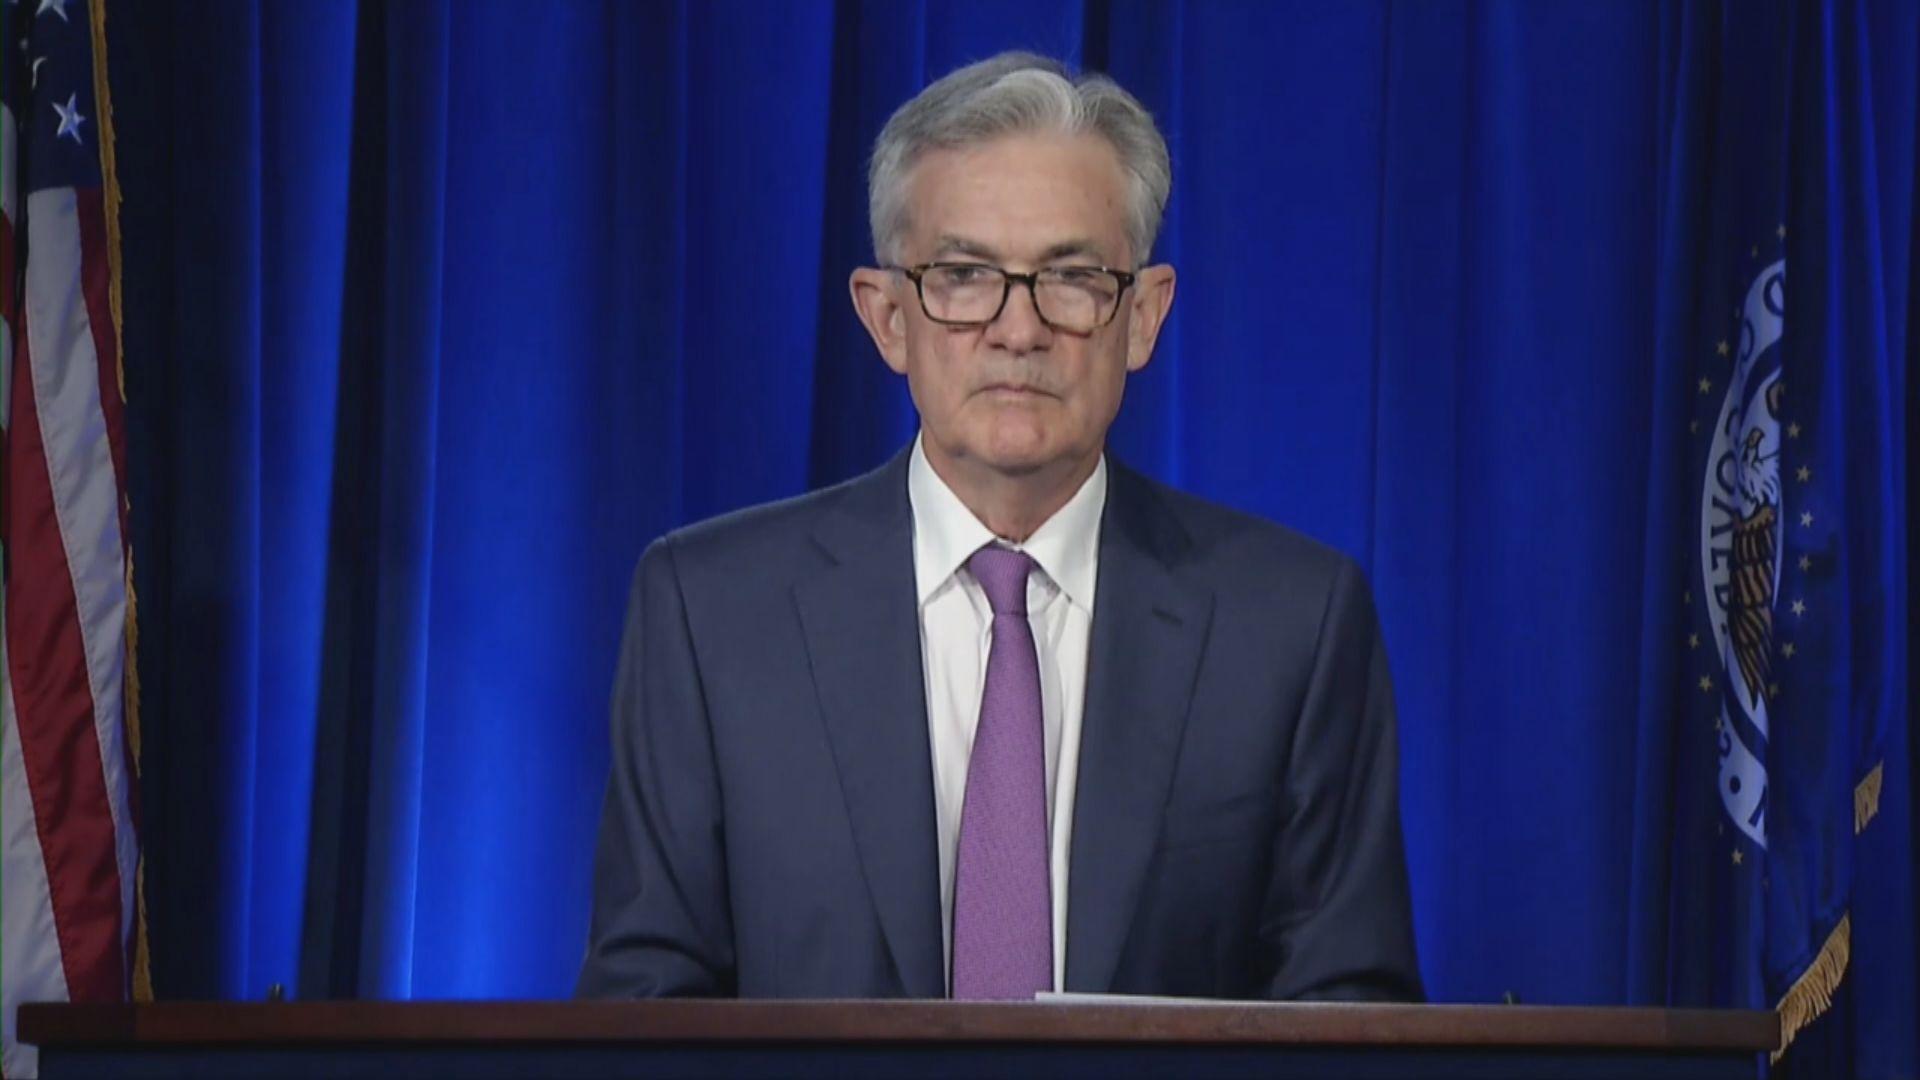 聯儲局維持利率不變 鮑威爾:無想過加息將用所有工具支持經濟